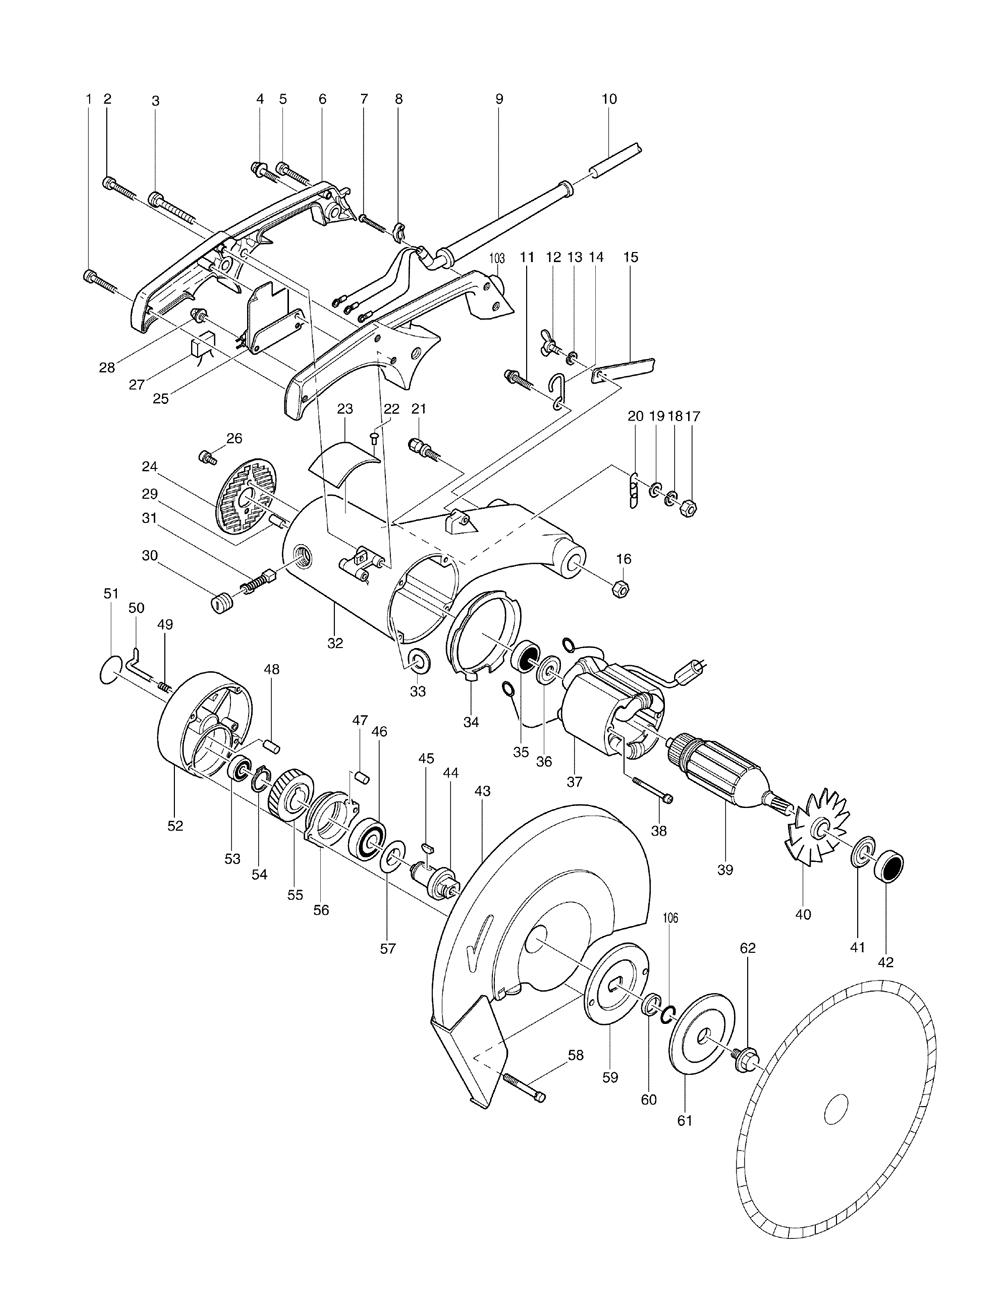 Buy Makita 2414 Replacement Tool Parts   Makita 2414    Electric    Saw Parts    Diagram